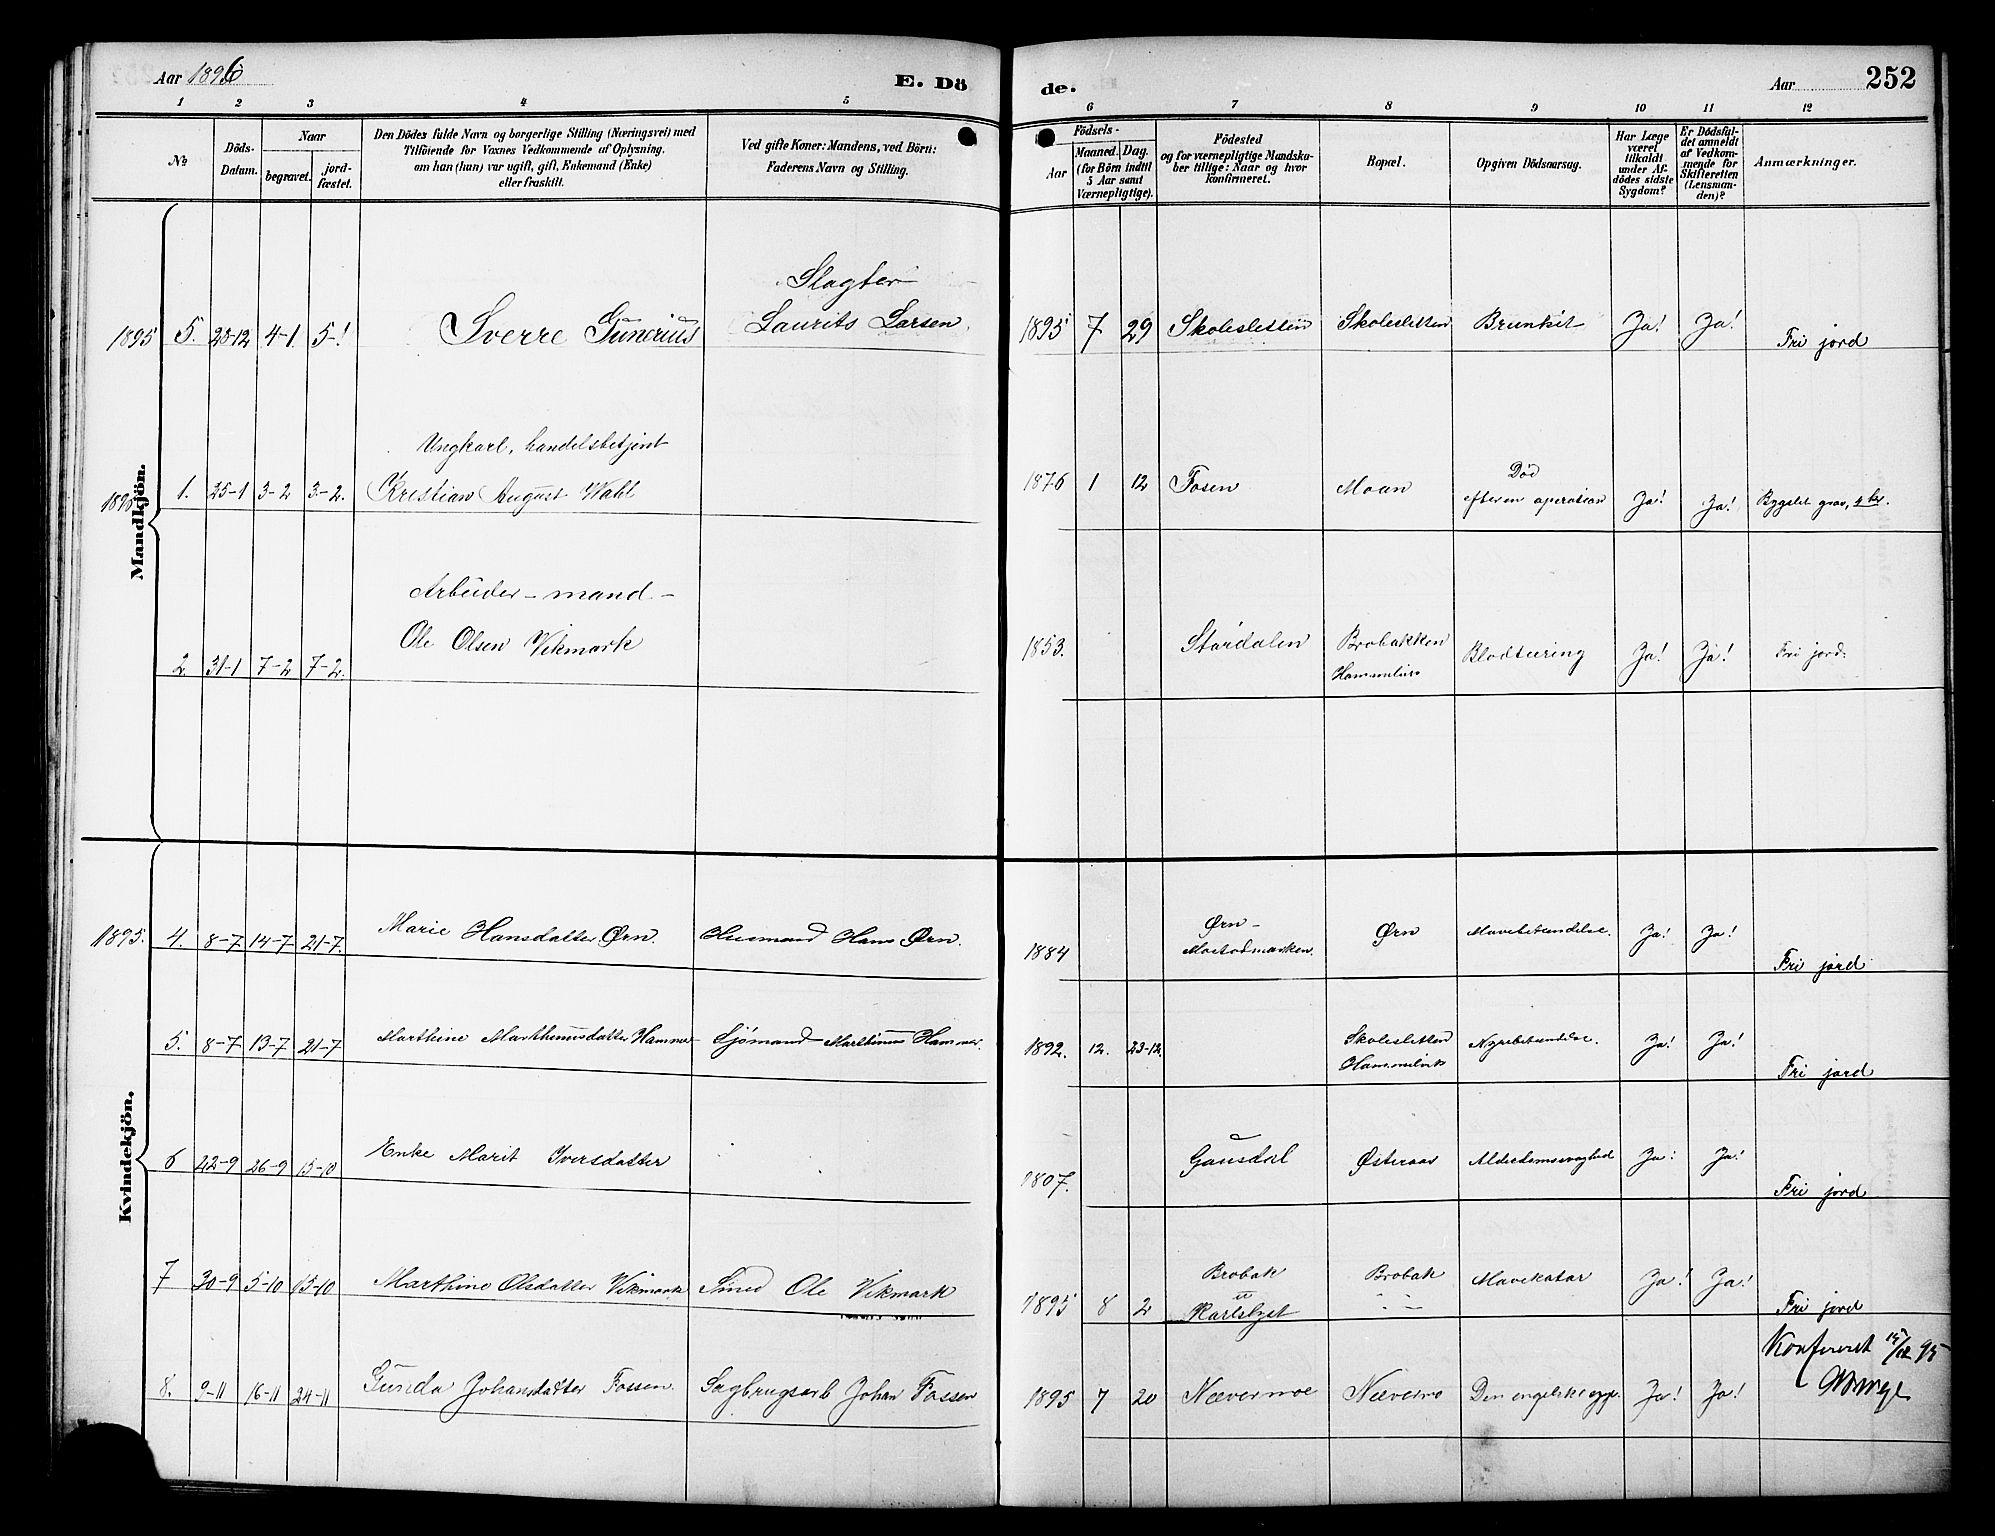 SAT, Ministerialprotokoller, klokkerbøker og fødselsregistre - Sør-Trøndelag, 617/L0431: Klokkerbok nr. 617C01, 1889-1910, s. 252